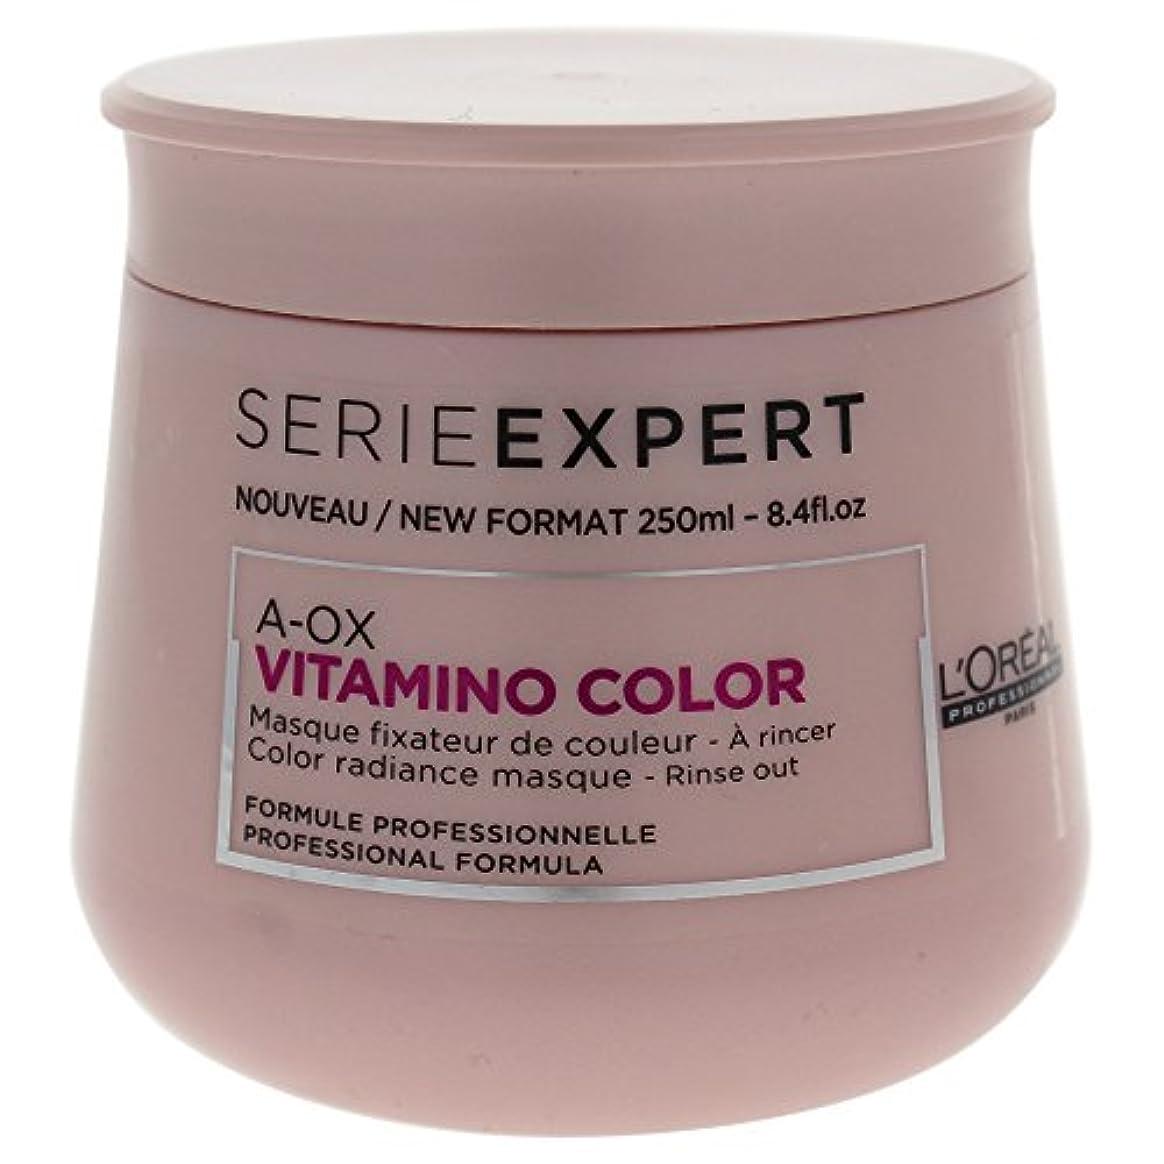 調和メジャー批判的L'Oreal Serie Expert A-OX VITAMINO COLOR Color Radiance Masque 250 ml [並行輸入品]